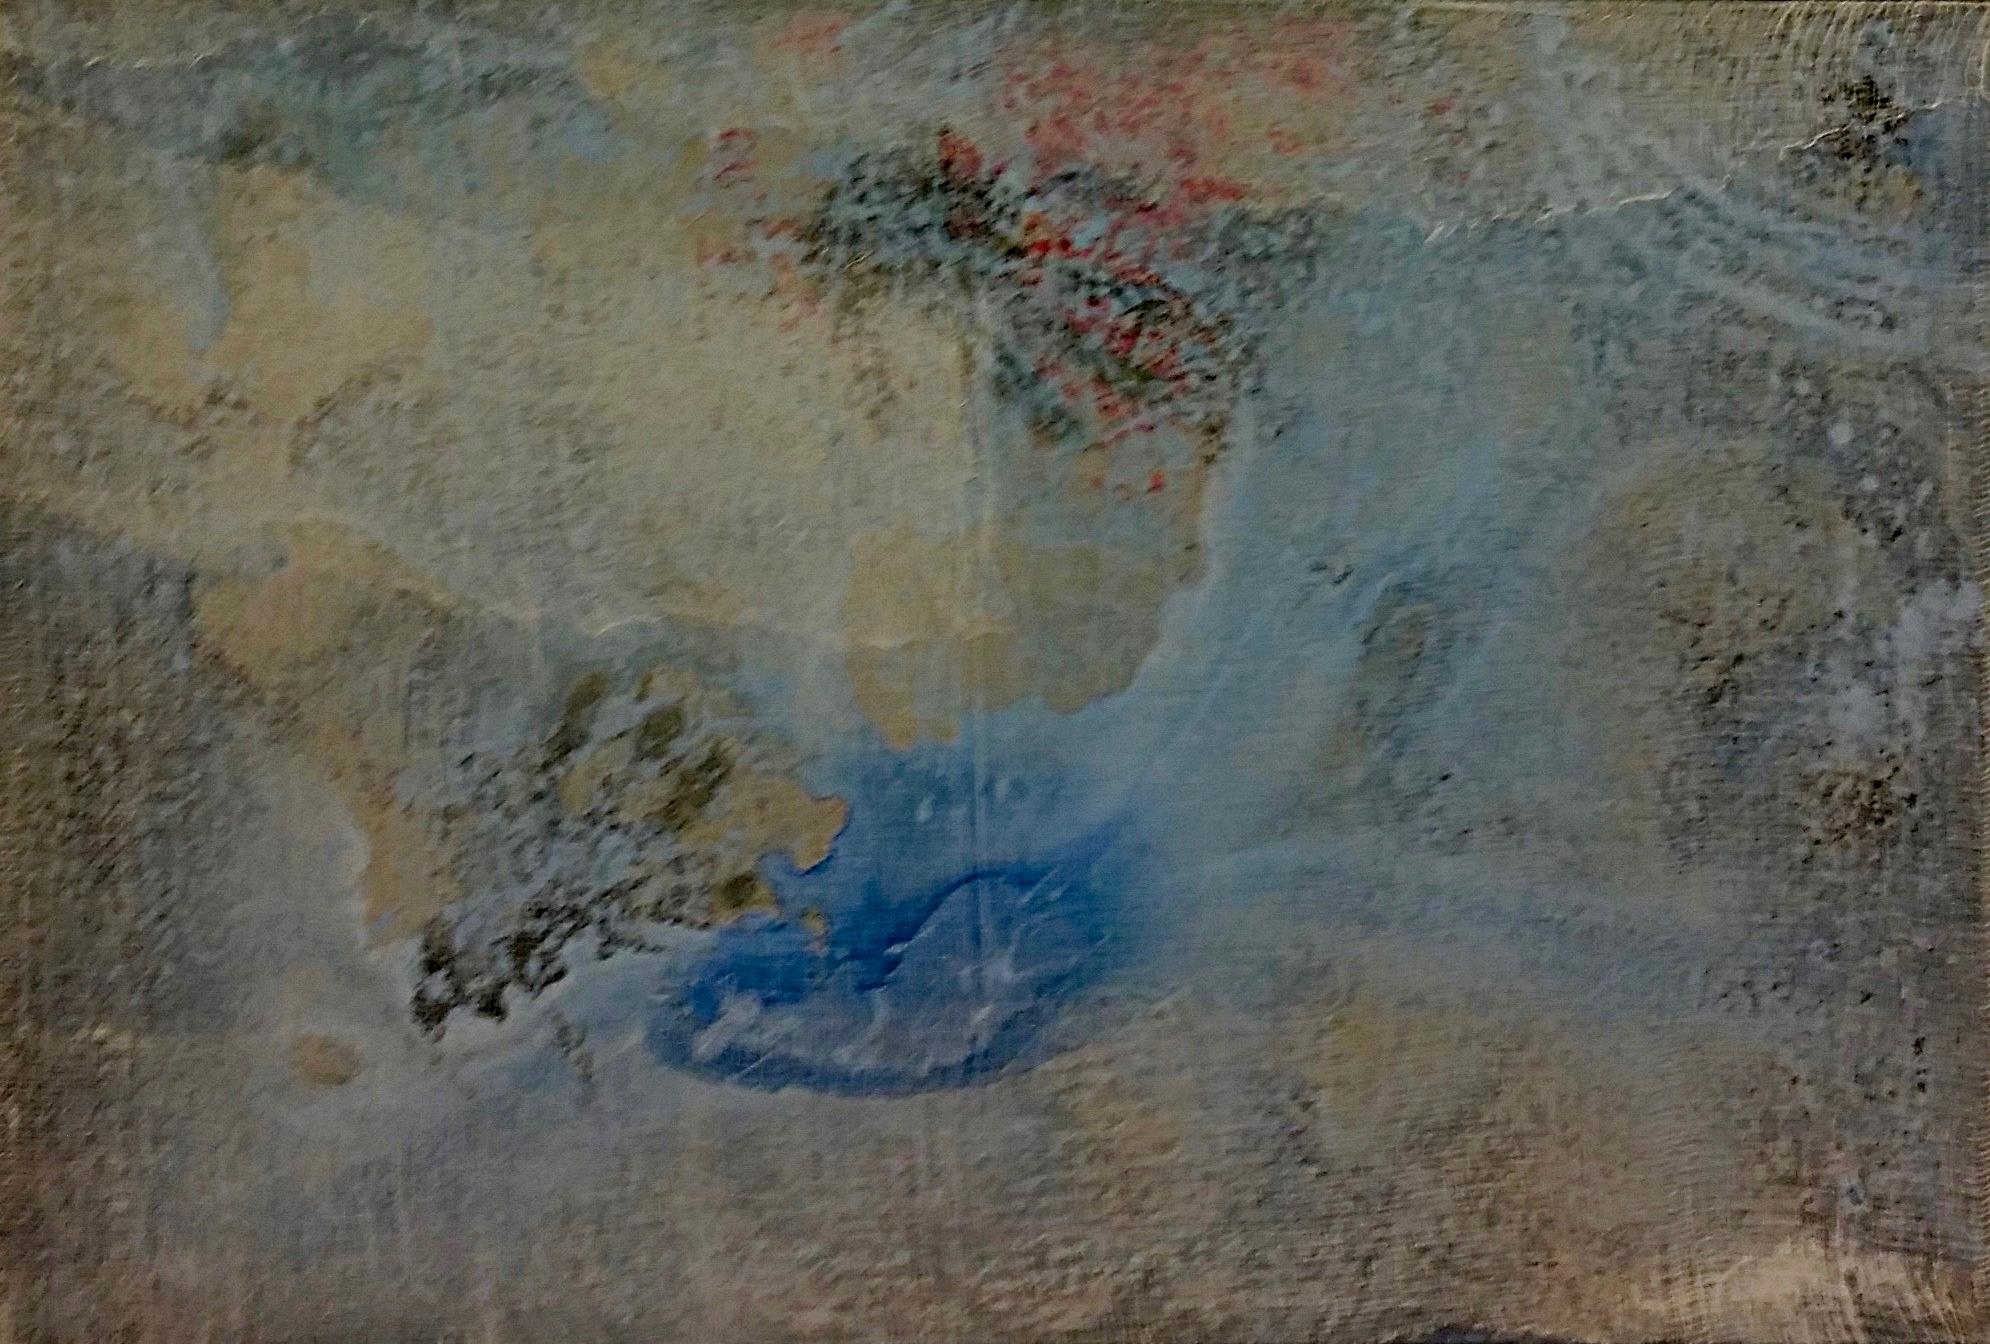 Tiepolo Graffiti 485, 2015  Sorgente 24 x 36 inches